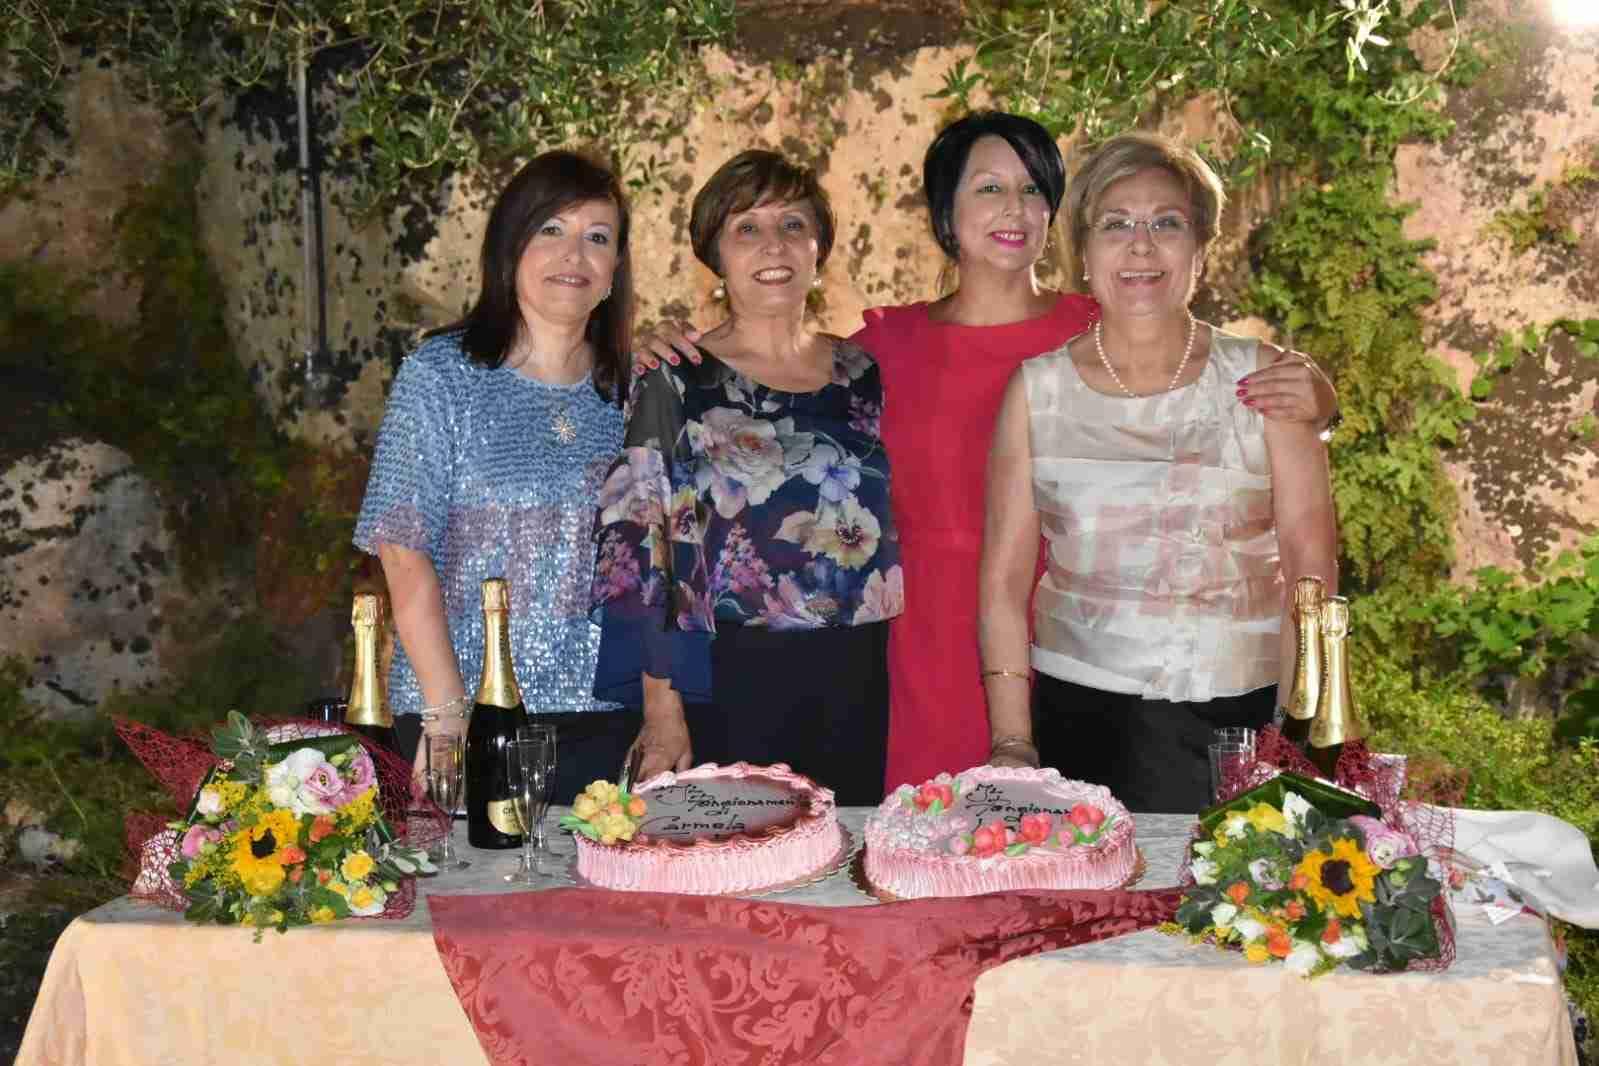 Luisa Moncada e Carmela Piazzese in pensione dal 1° settembre 2020